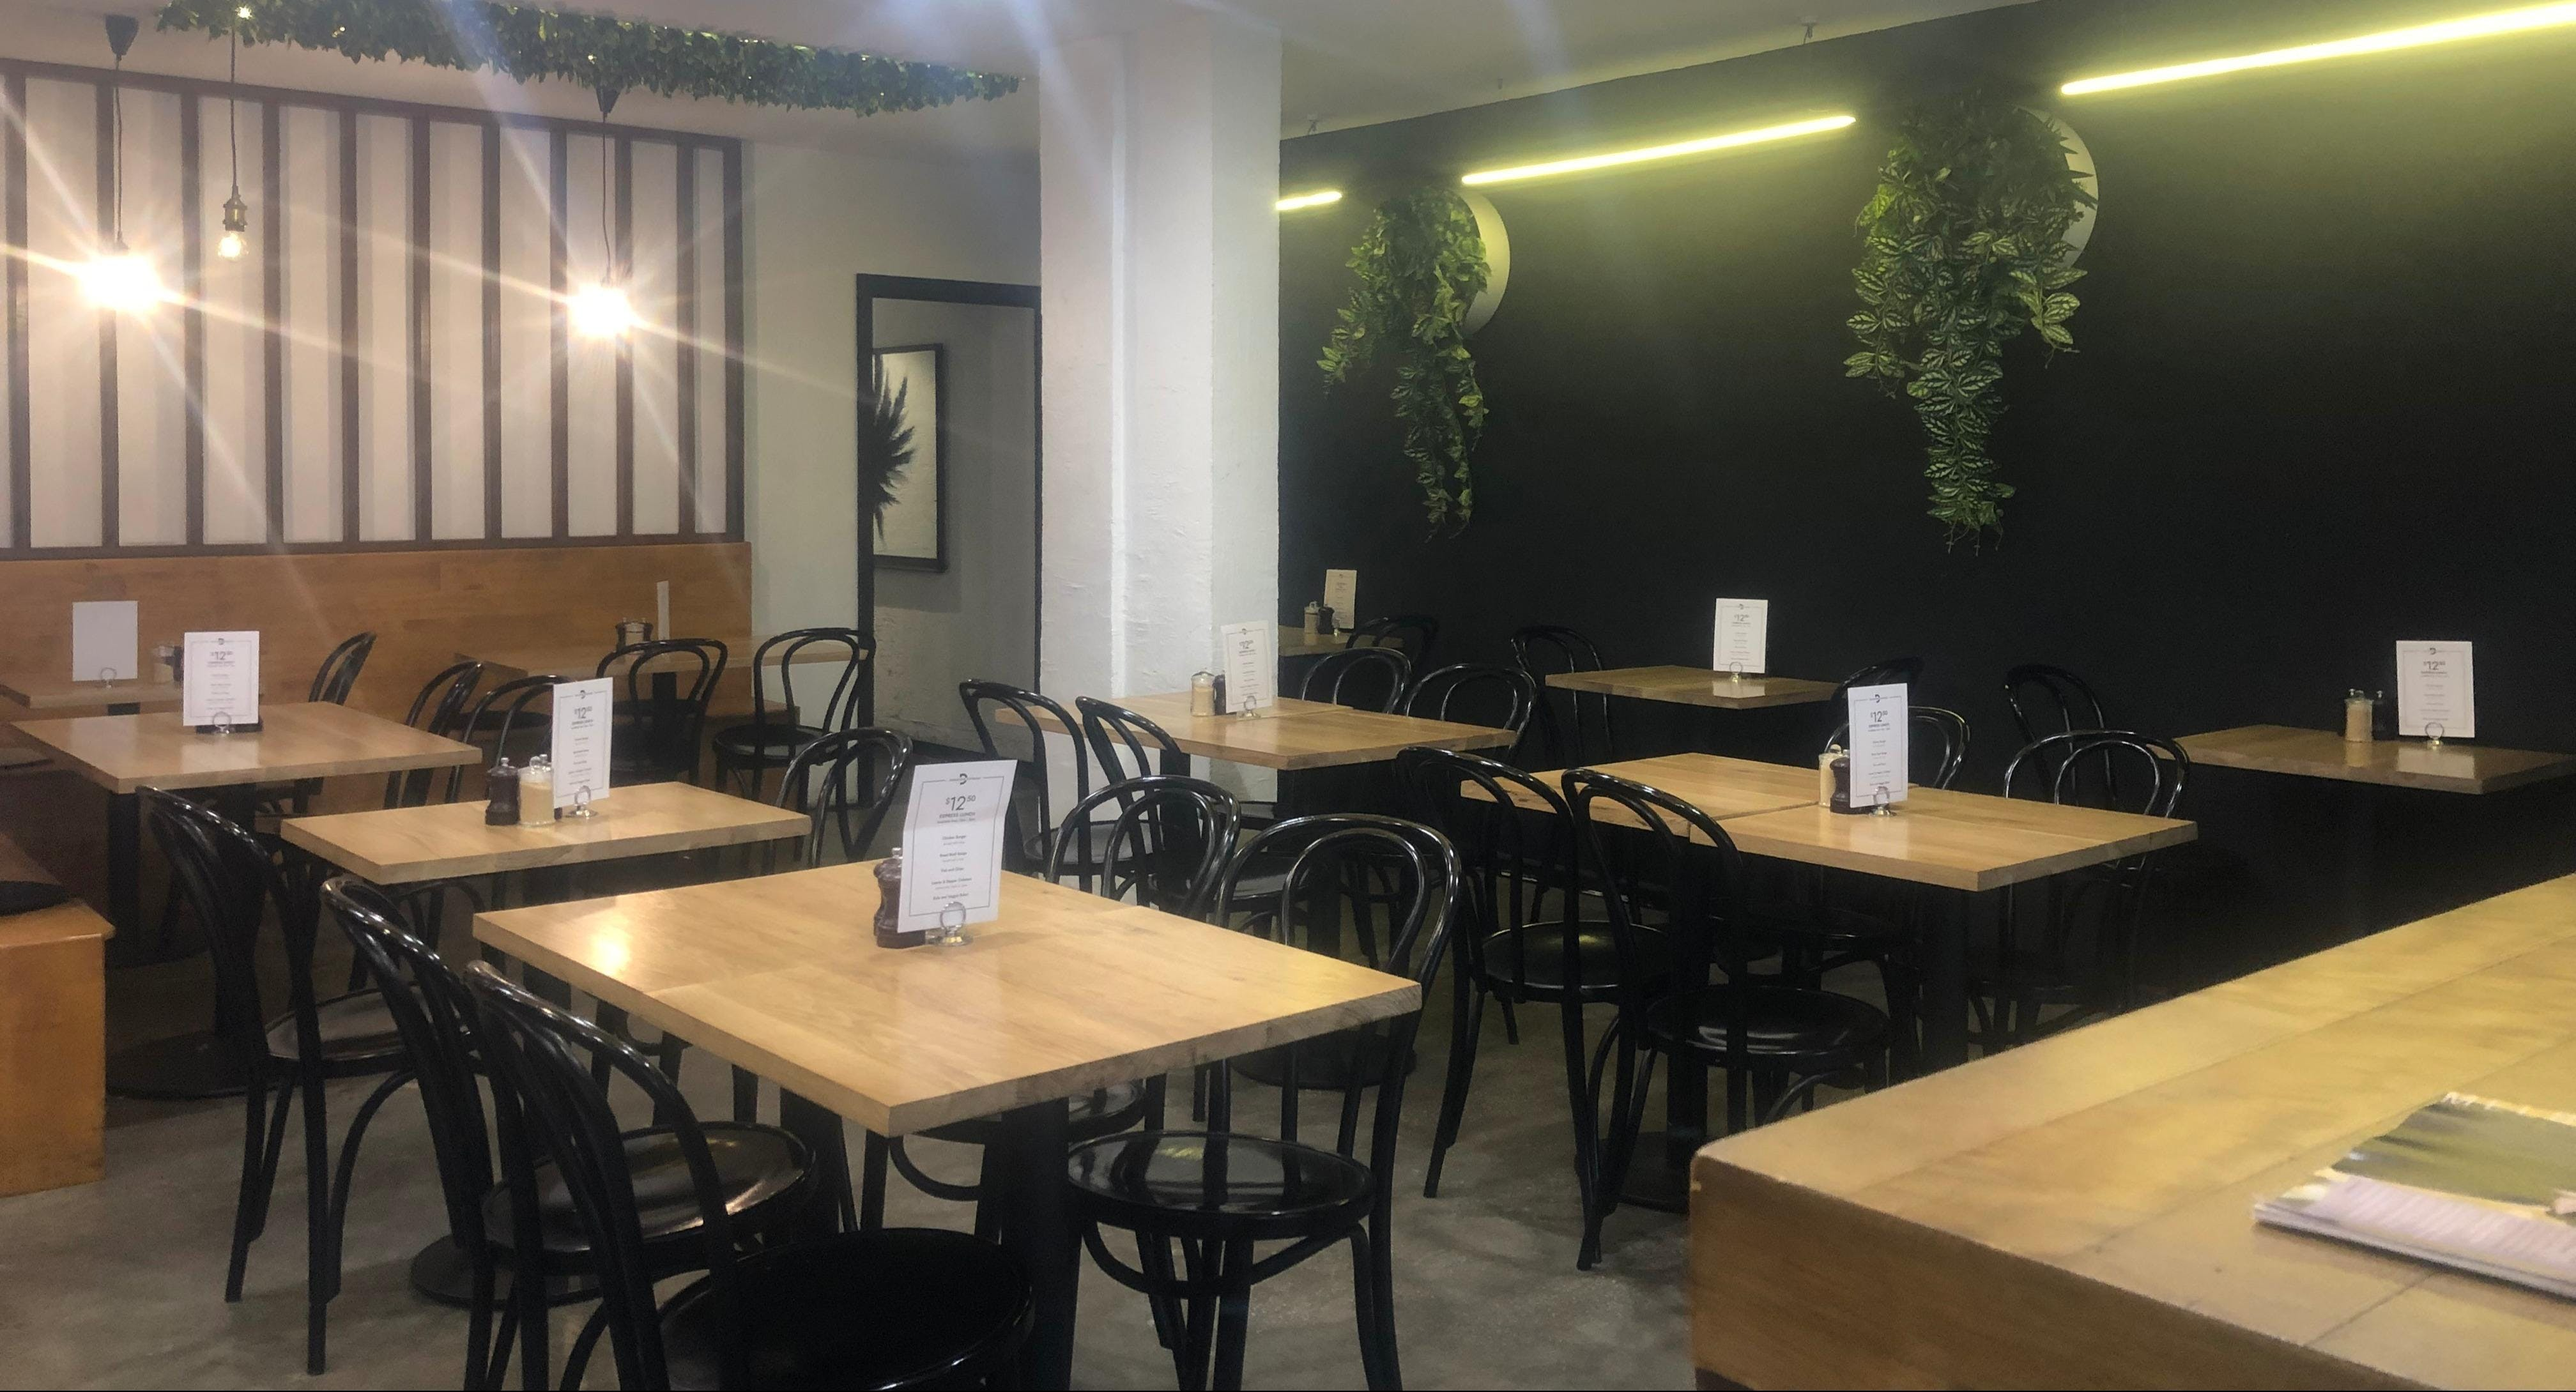 Oscar's Cafe & Bar